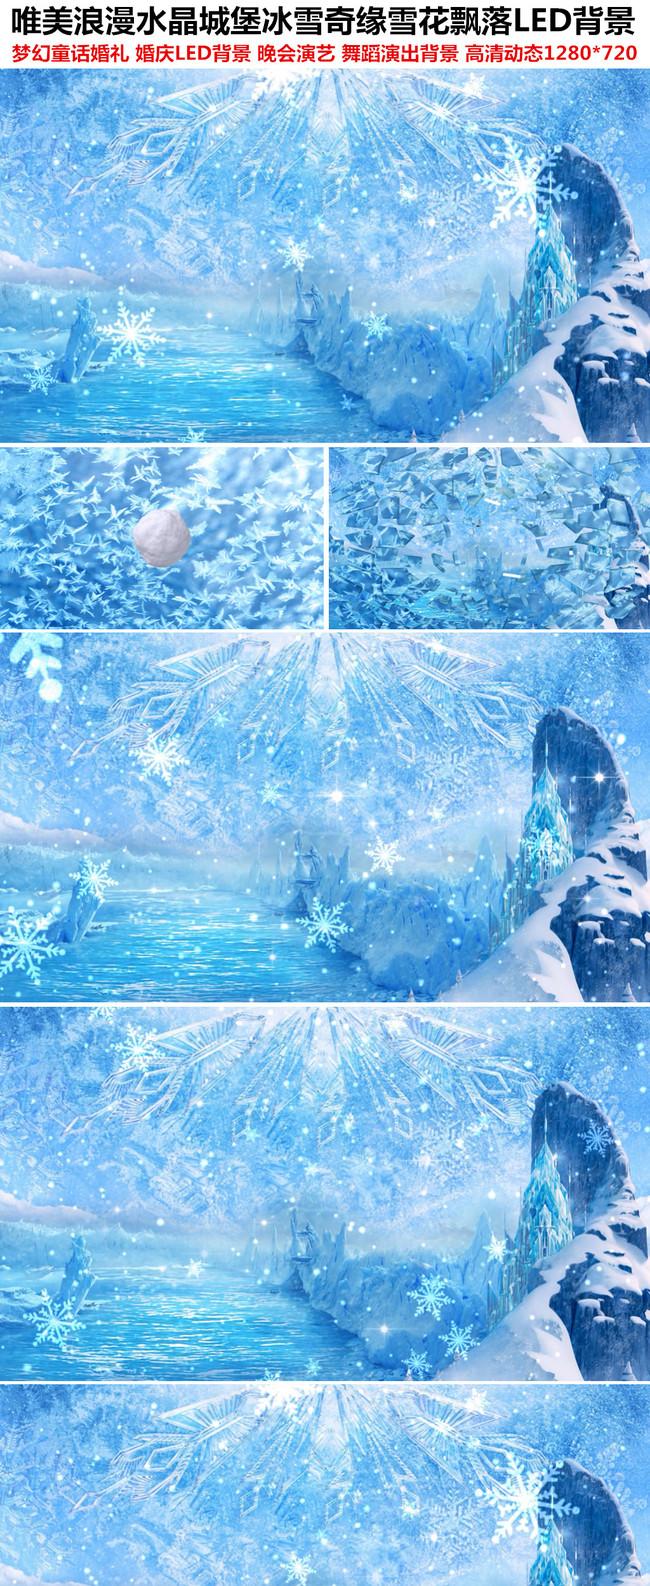 唯美浪漫水晶城堡冰雪奇缘雪花led背景